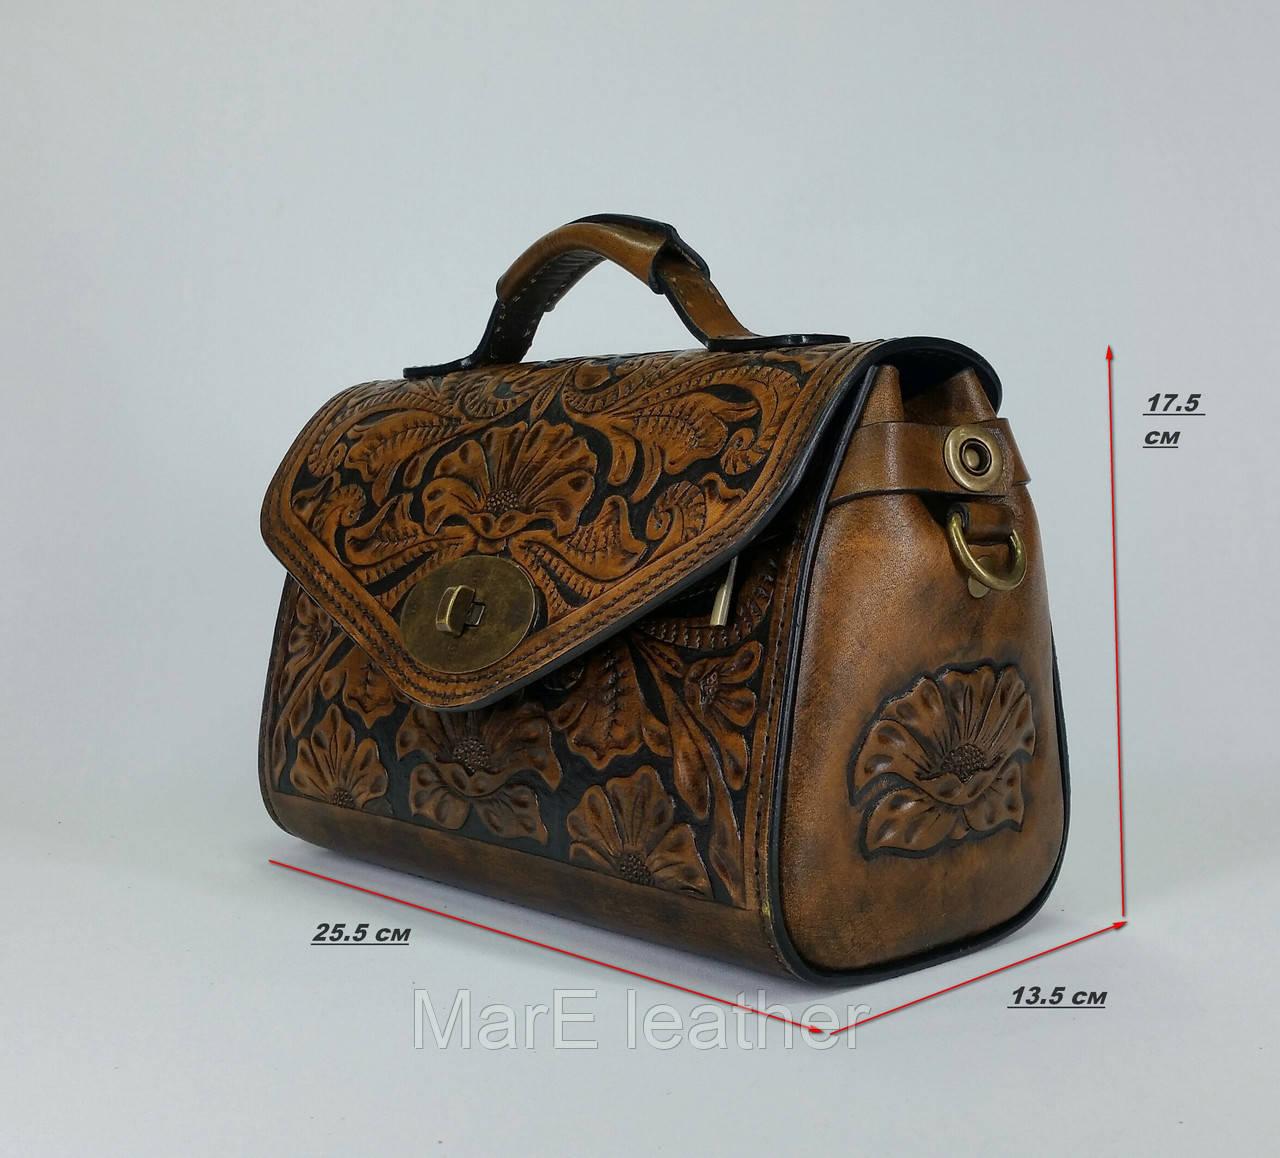 38c54cf8f589 Женская сумка саквояж с тиснением ручной работы из натуалььной кожи - MarE  leather в Белой Церкви